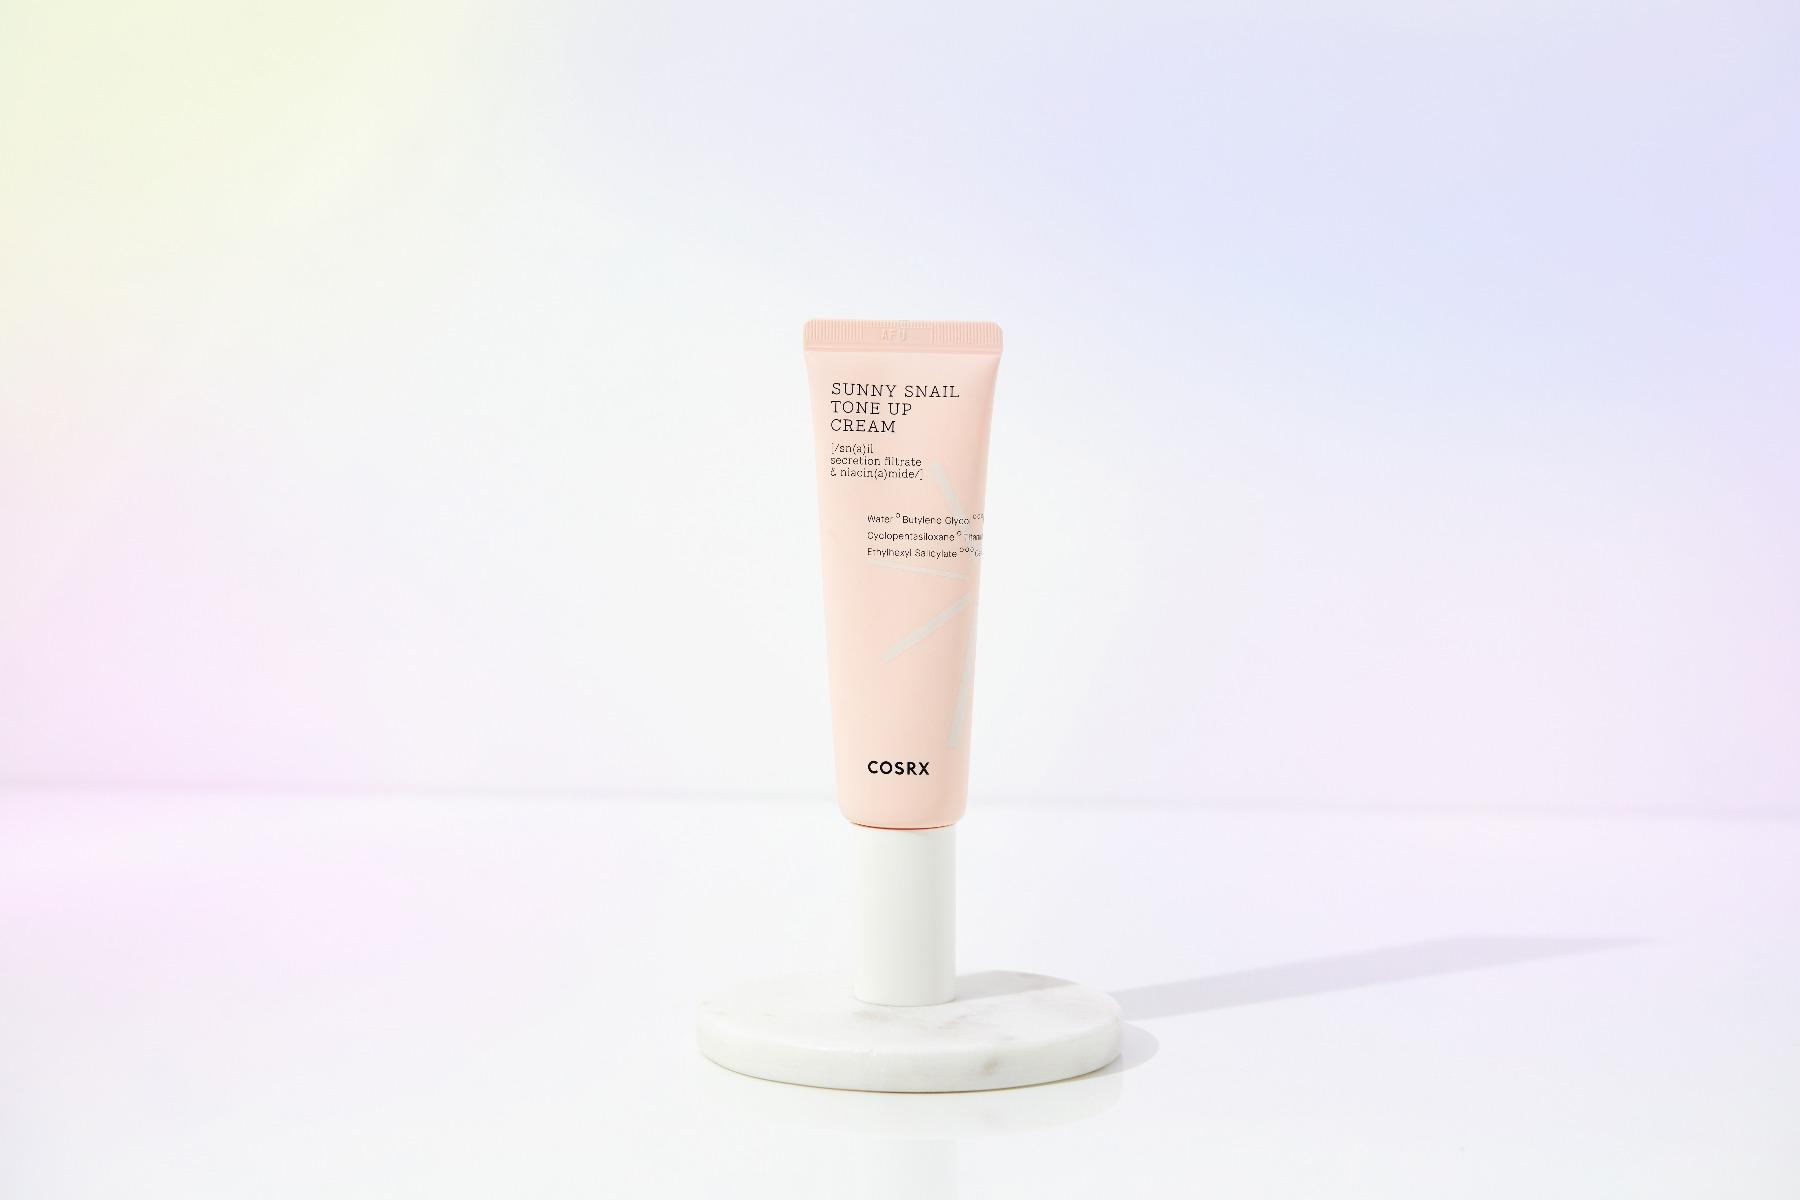 COSRX Sunny Snail Tone-Up Cream